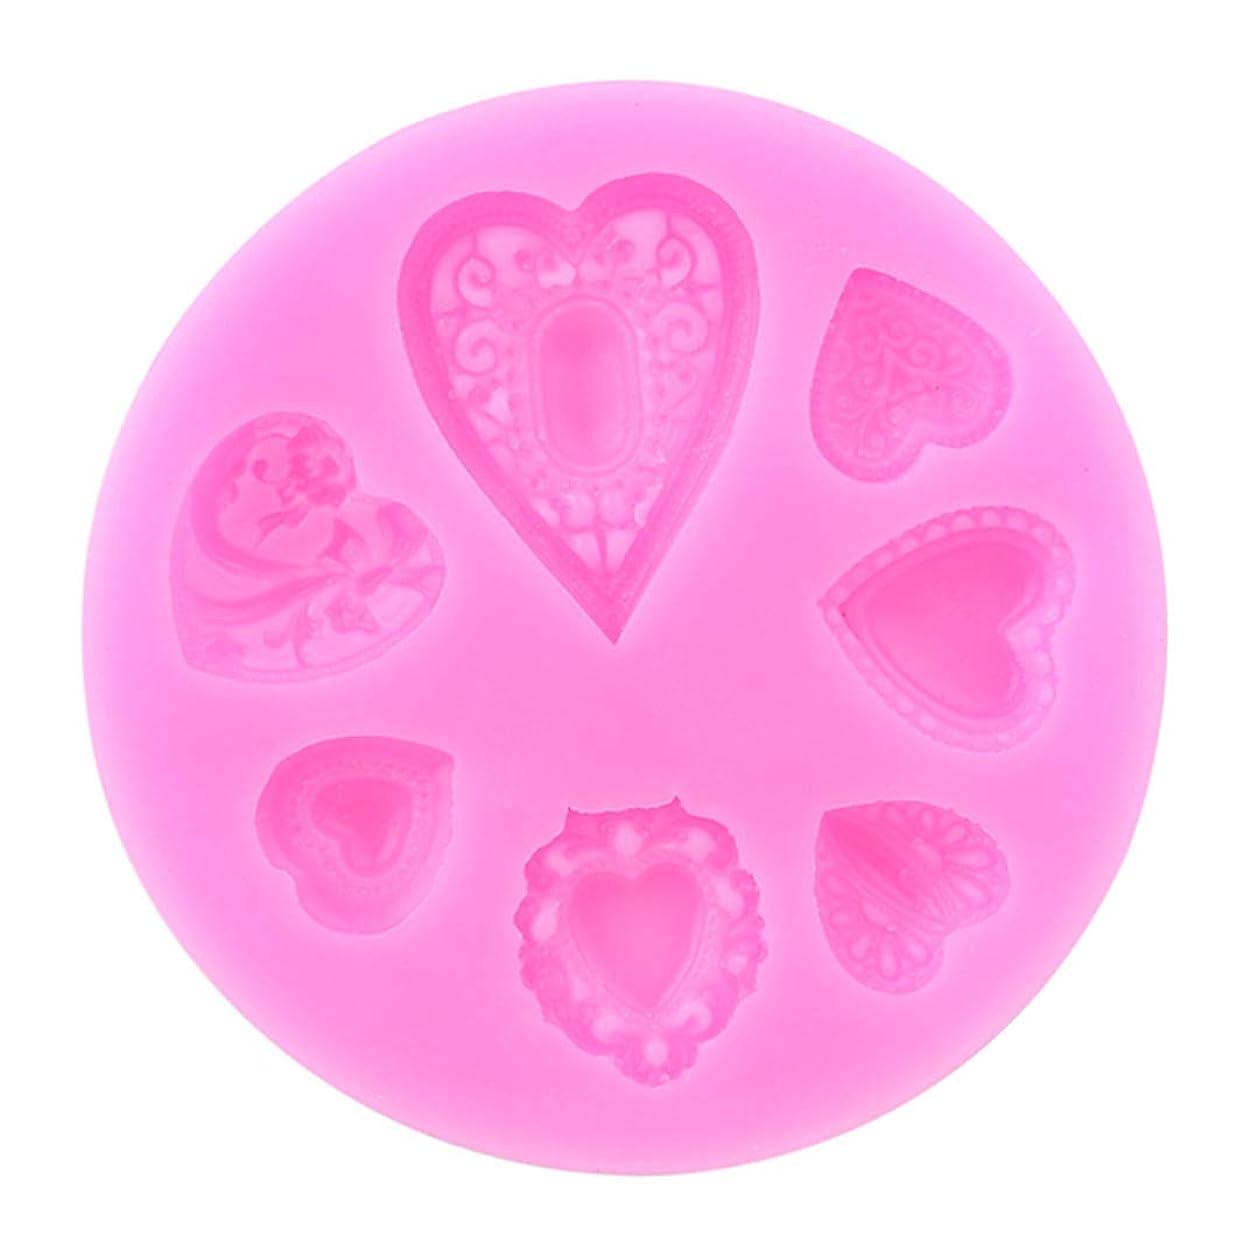 ヒロイック病気の練習Underleaf バレンタインデーのチョコレートモールドケーキ装飾ツールDIYハートベーキングフォンダンシリコンモールド